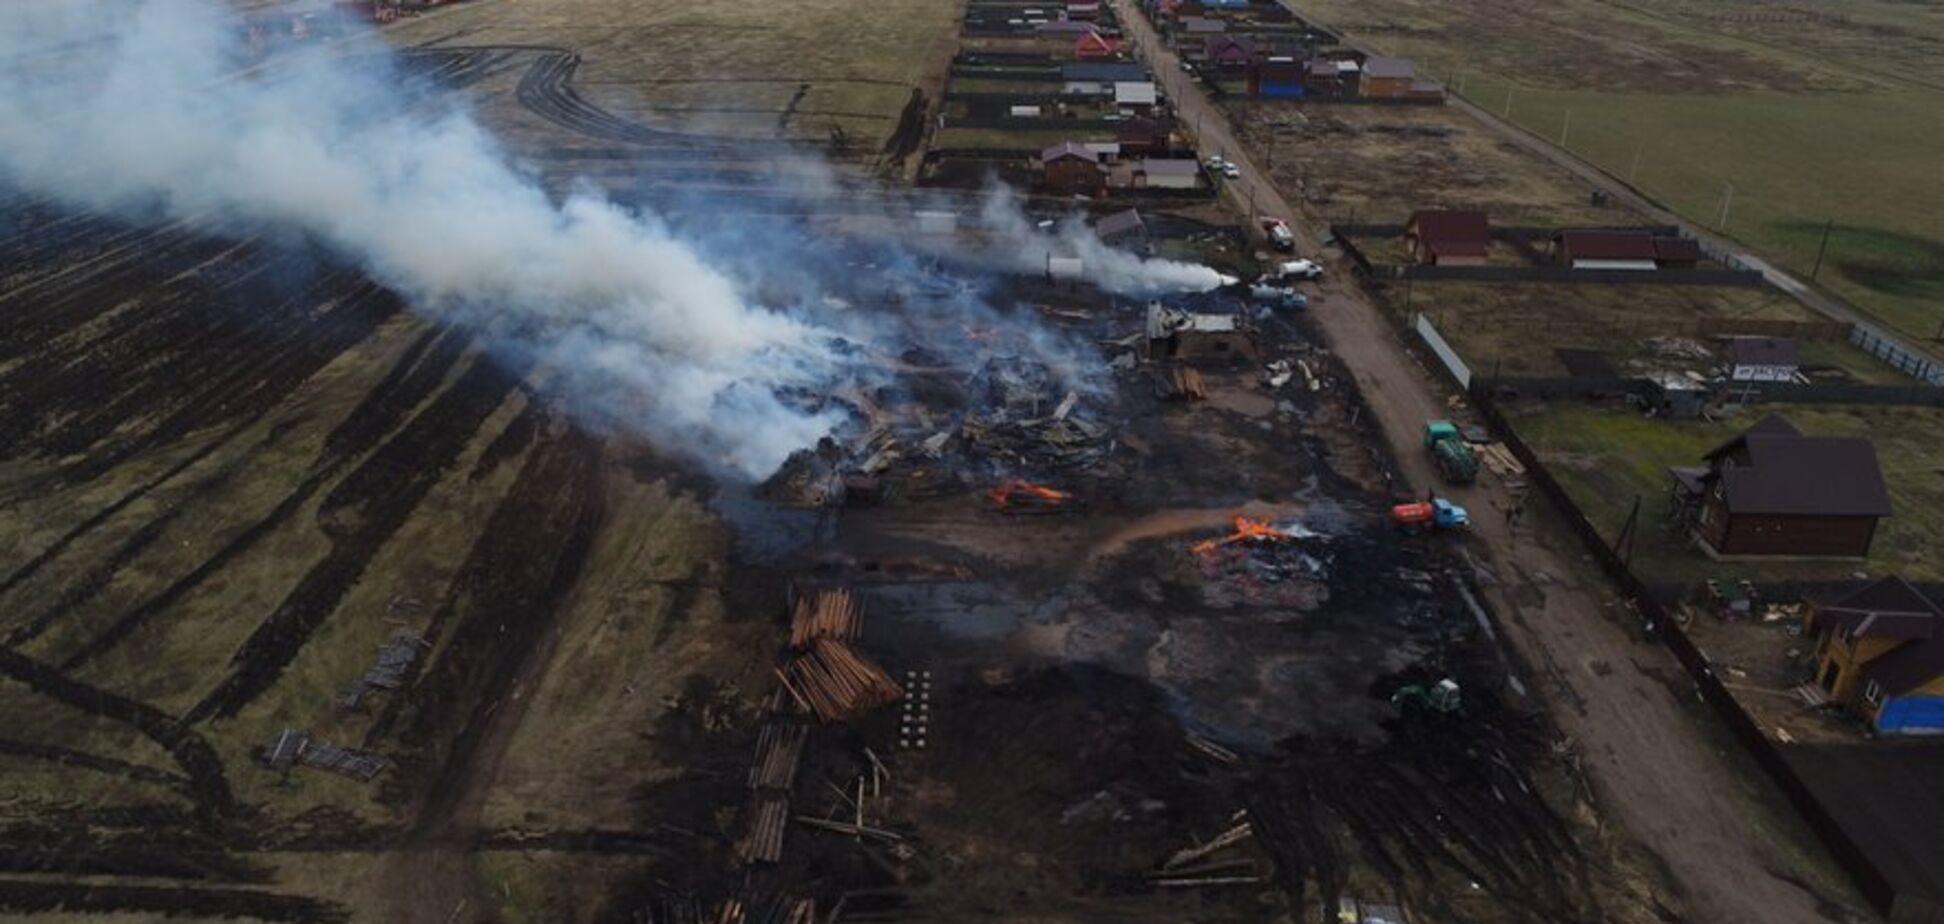 'З неба валиться попіл, важко дихати': частину Росії накрило вогняне пекло. Фото і відео стихії